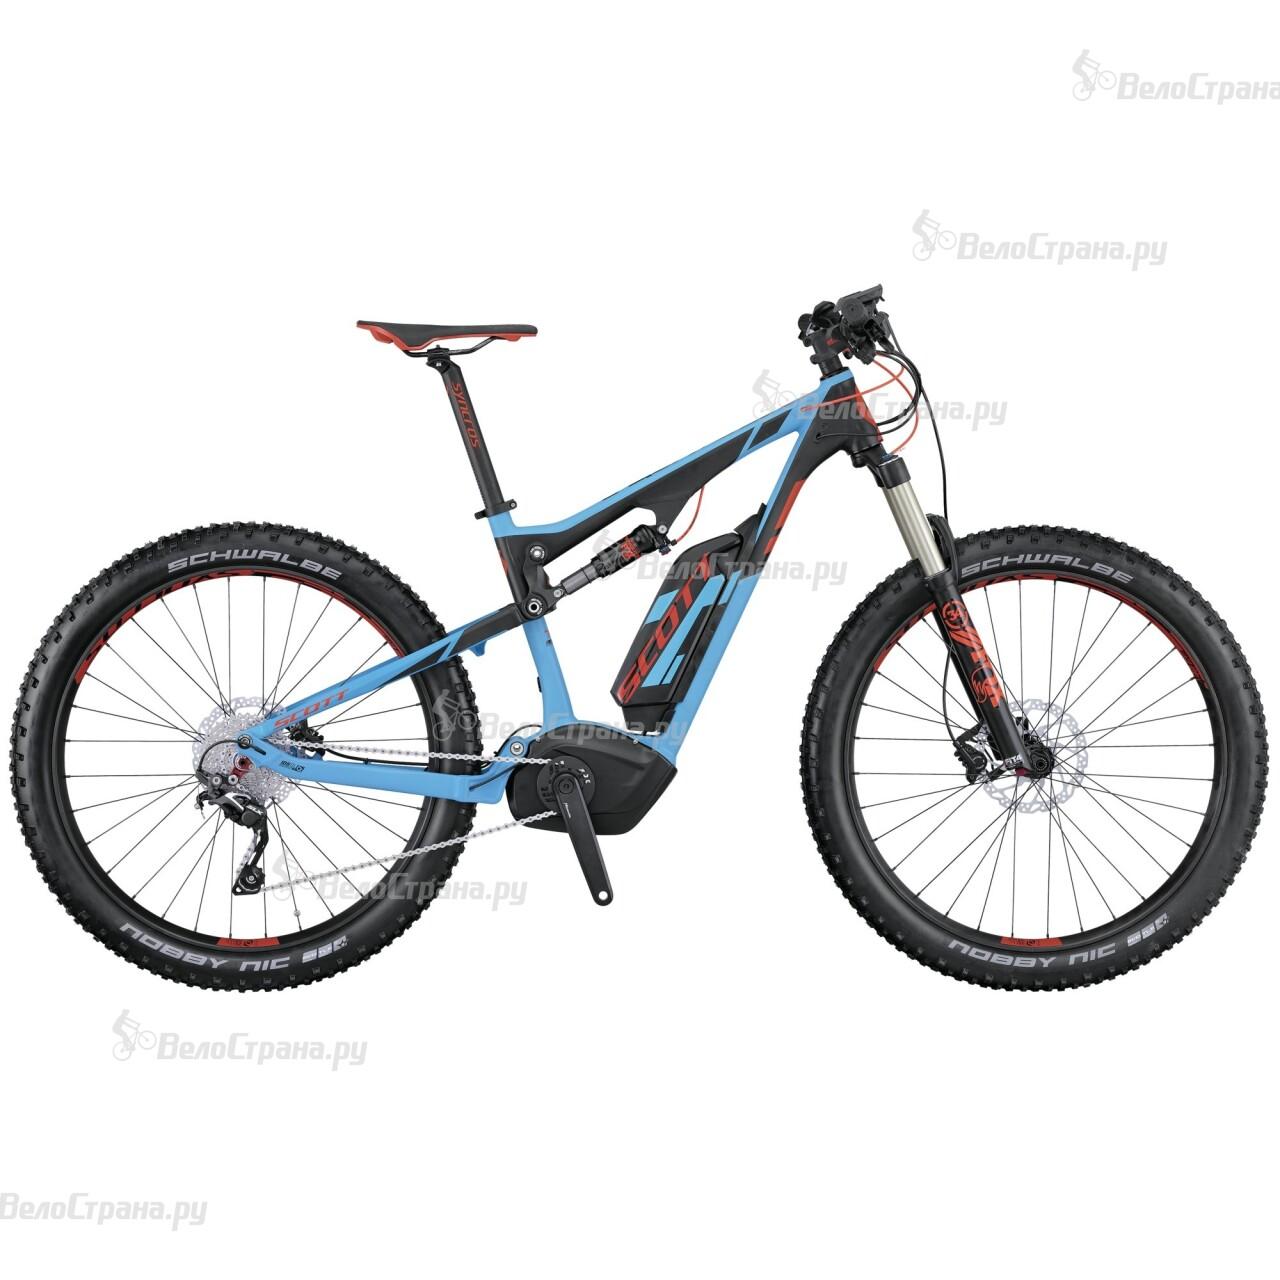 Велосипед Scott E-Genius 720 Plus (2016) велосипед scott genius lt 720 2015